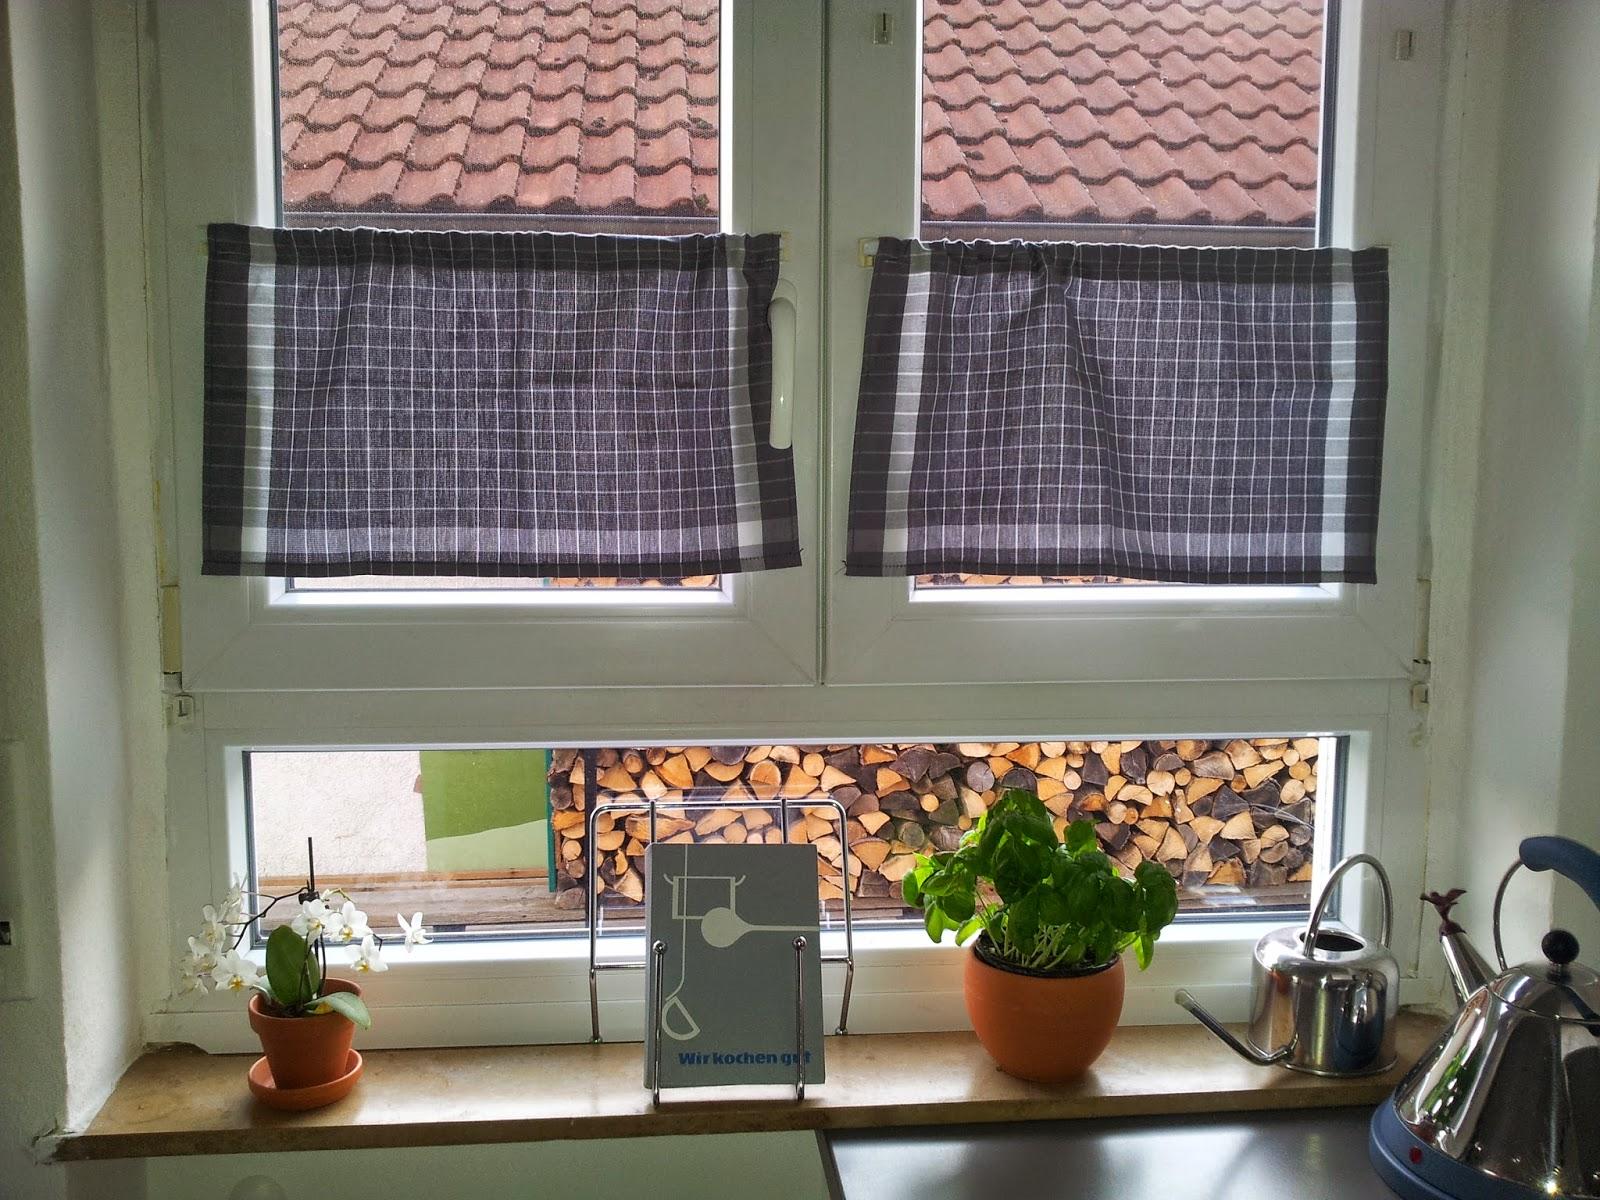 Full Size of Küche Fenster Gardinen Fr Schlafzimmer Wohnzimmer Kche Scheibengardinen Poco Led Panel Kleine Einbauküche Kinder Spielküche Abfalleimer Trier Wohnzimmer Küche Fenster